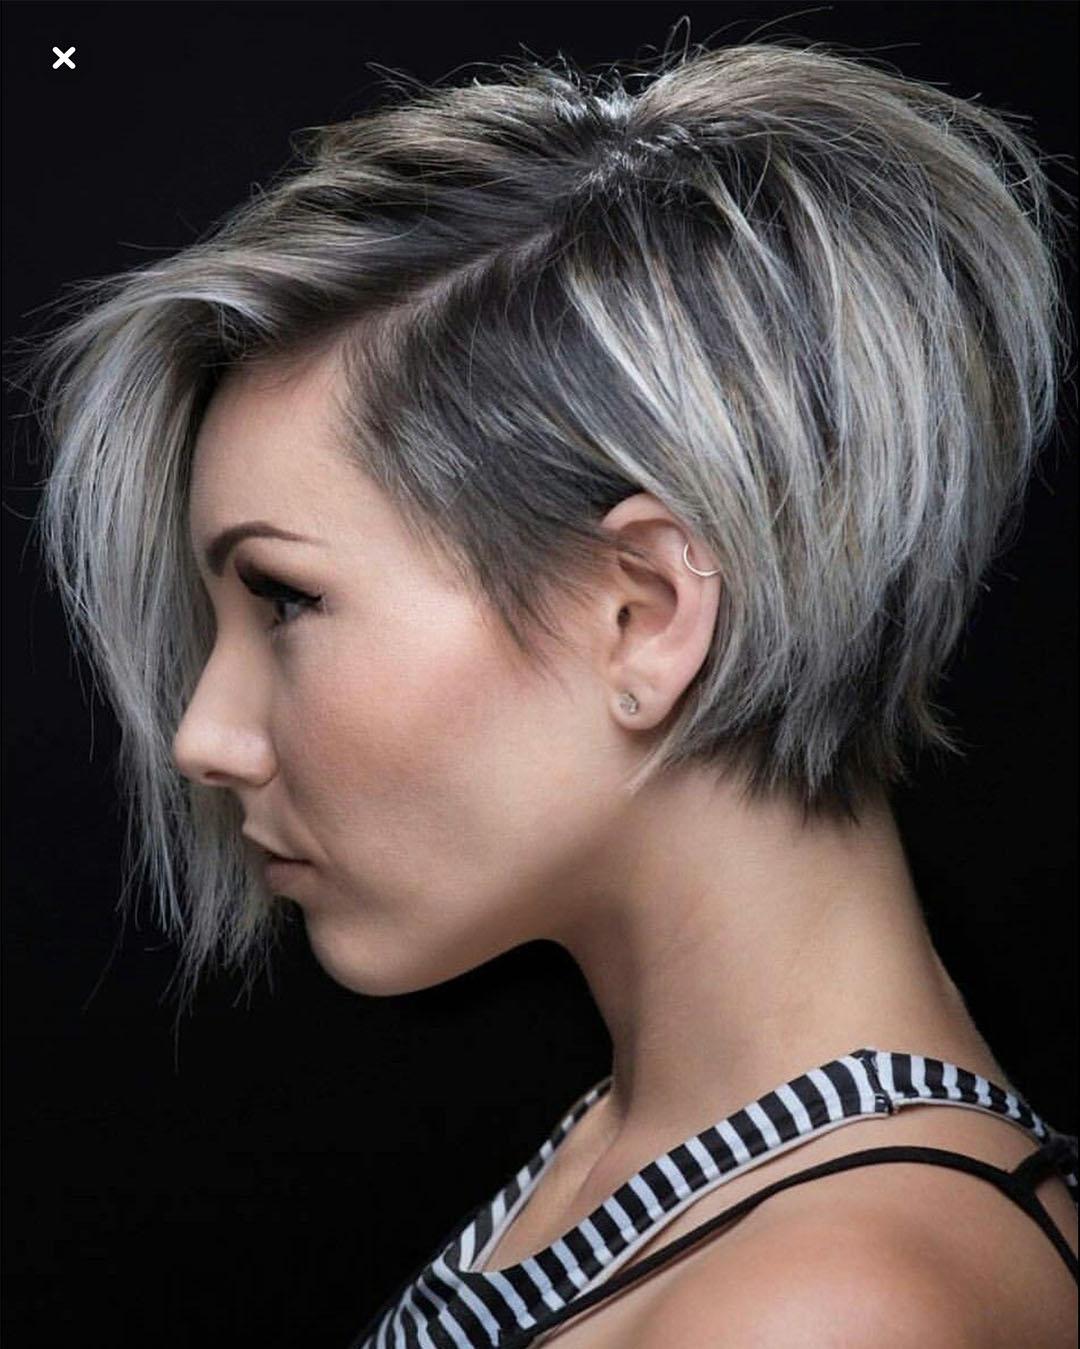 Varios peinados peinados raros mujer Galería de cortes de pelo Ideas - Peinados MODERNOS para mujer con pelo corto - ElSexoso